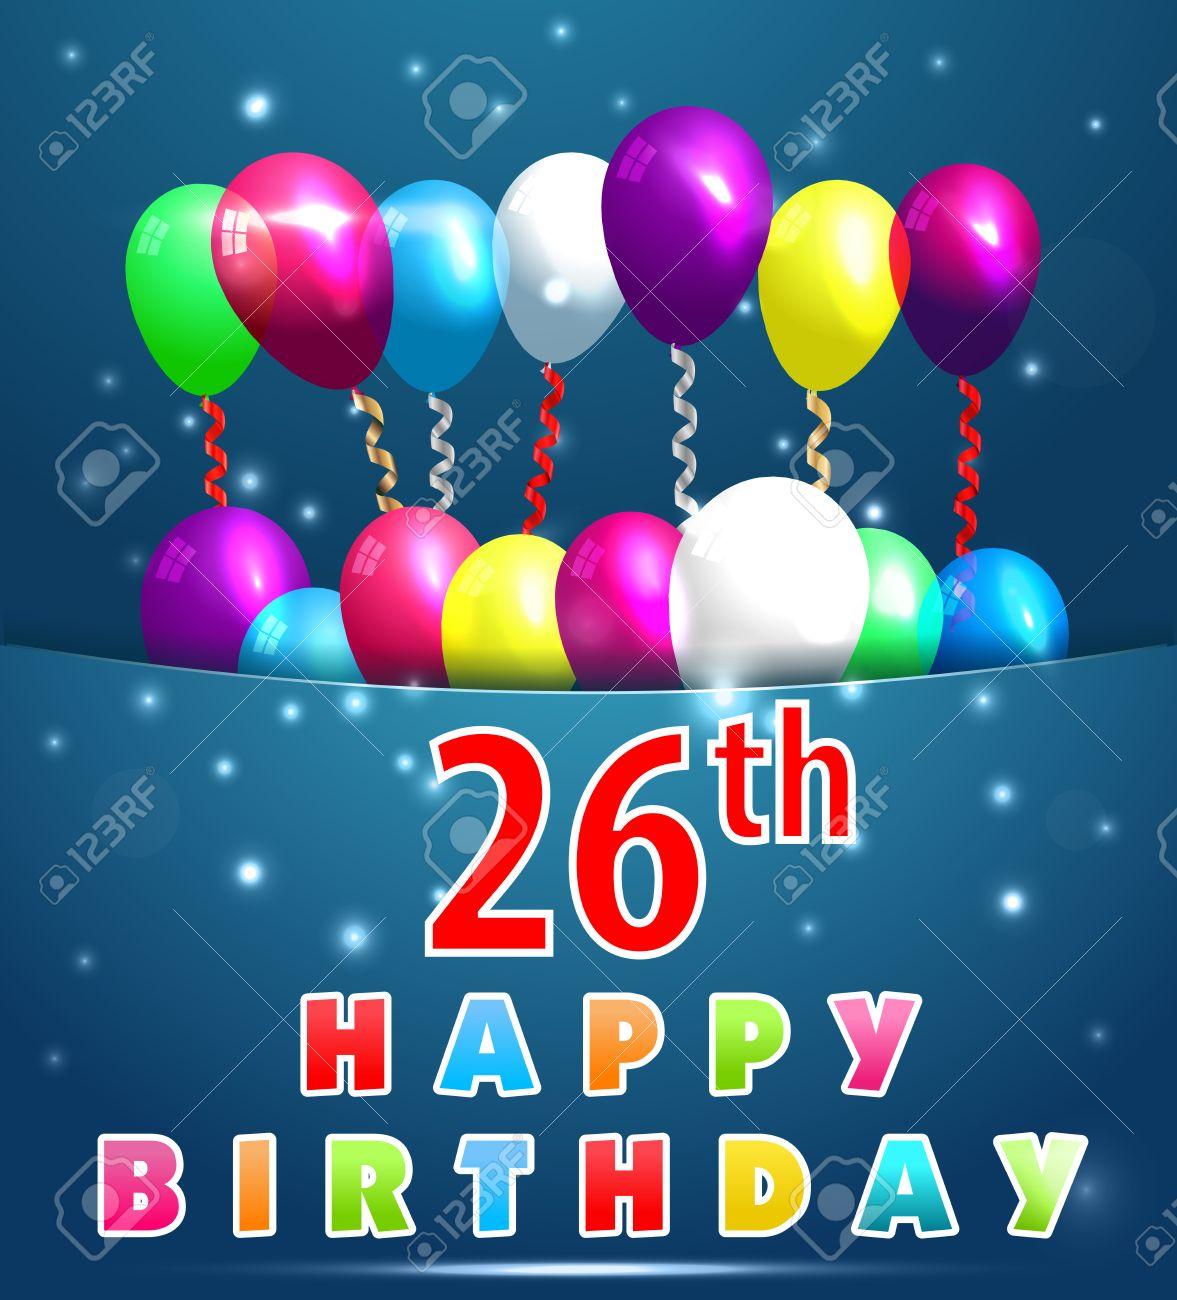 день рождения 3 числа и исполняется 33 года должно быть